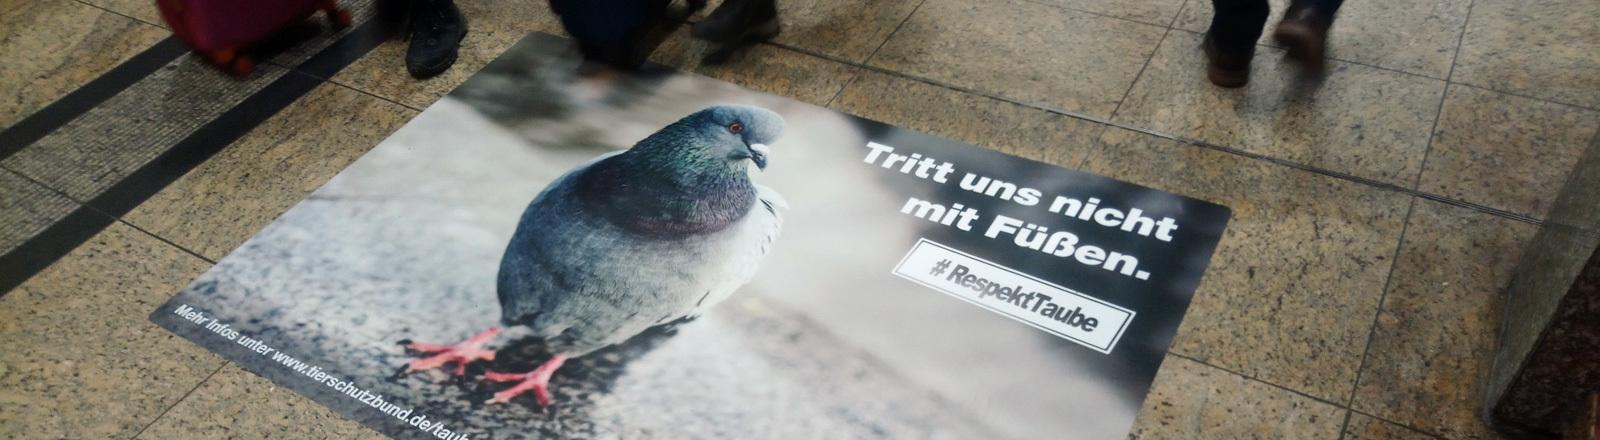 Taubenposter auf dem Boden eines Hauptbahnhofes.